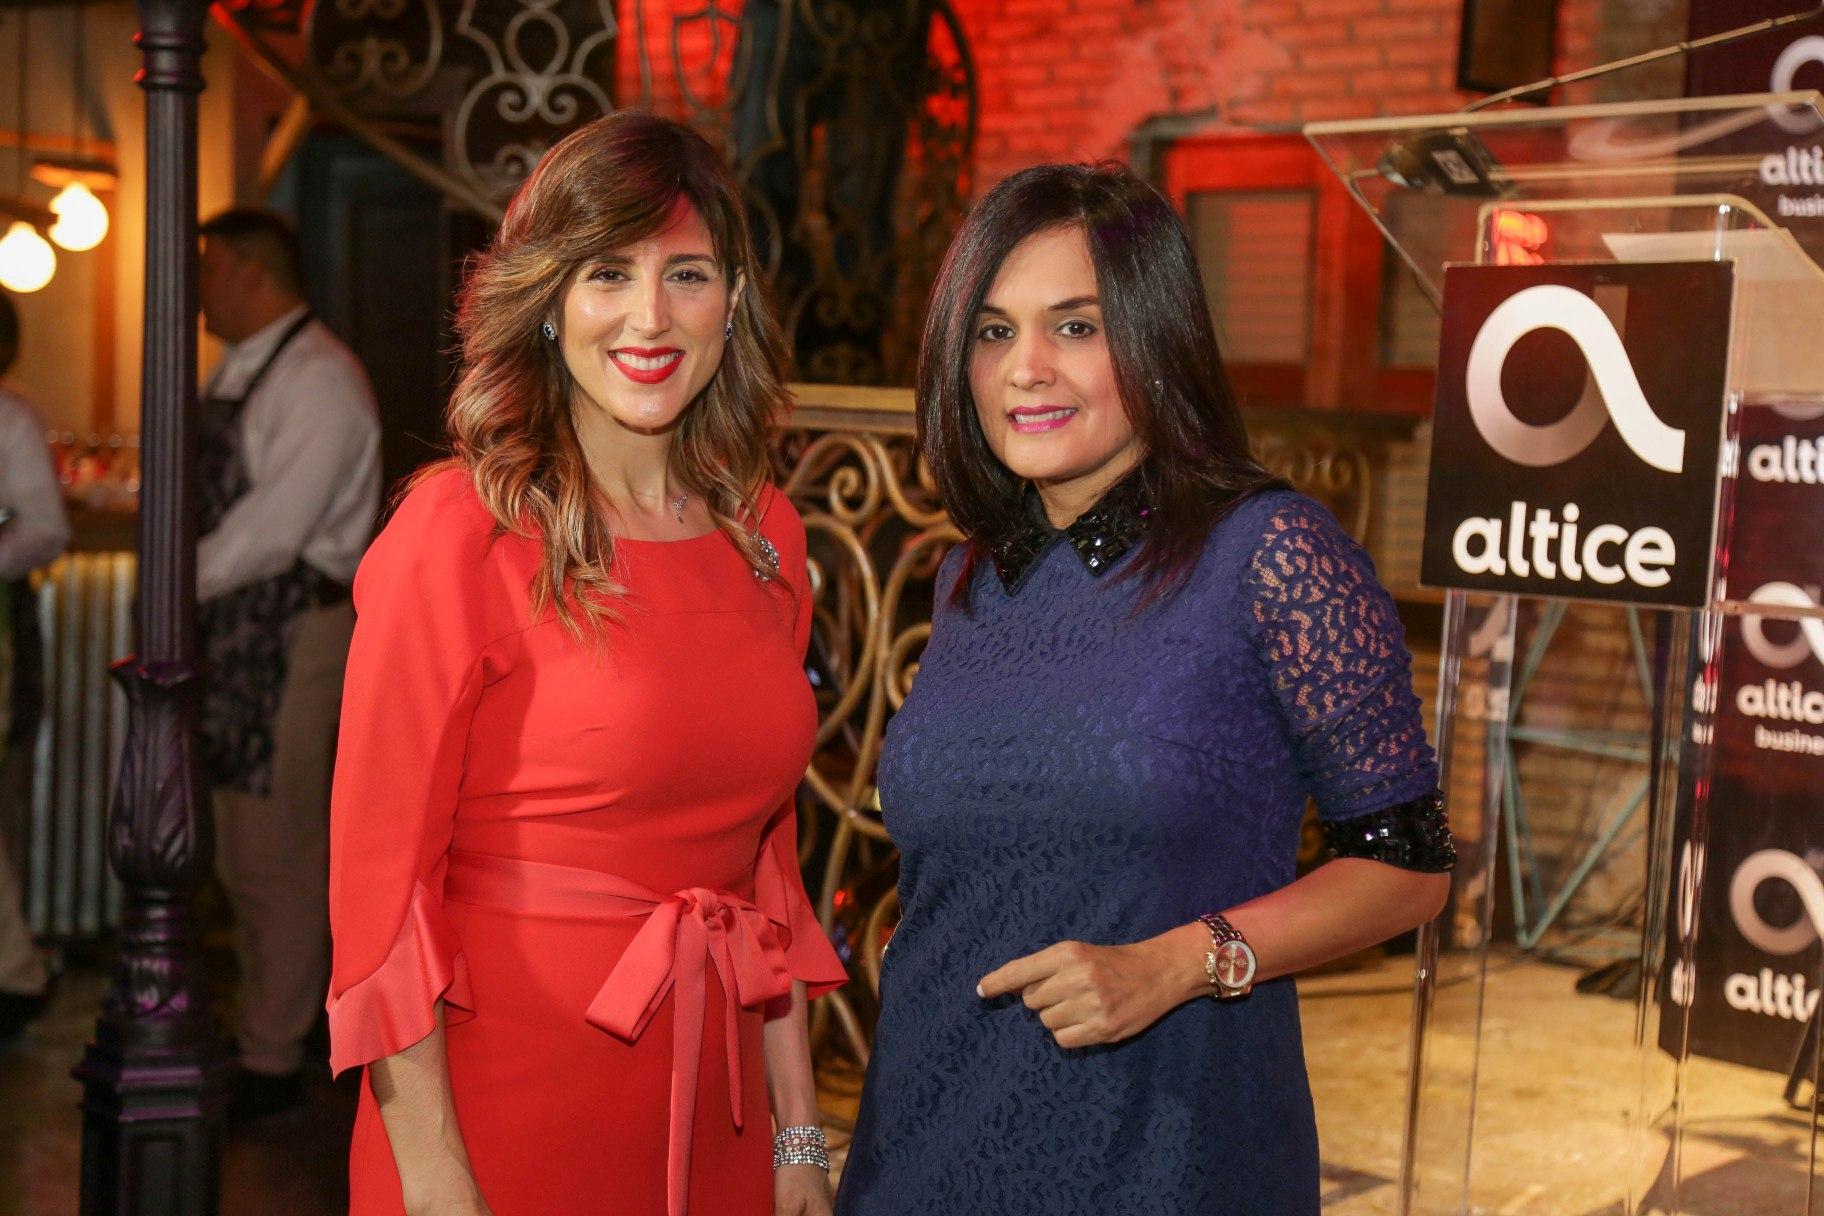 4 Anaimee Acta y Liza Arzeno